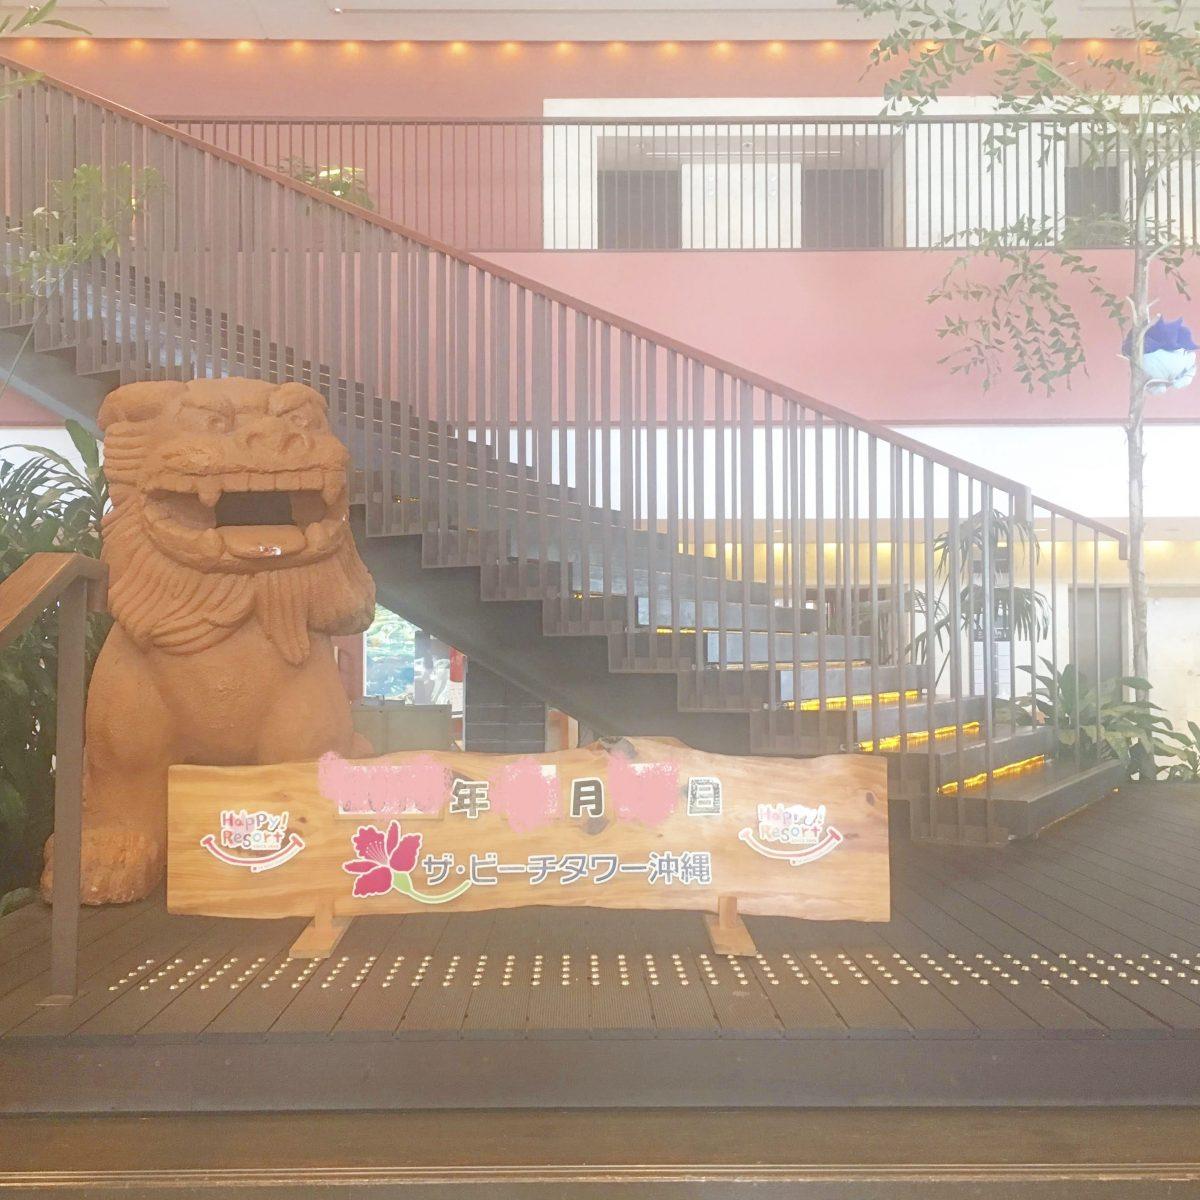 沖縄アメリカンビレッジのおすすめパンケーキ♡カフェ『波音』